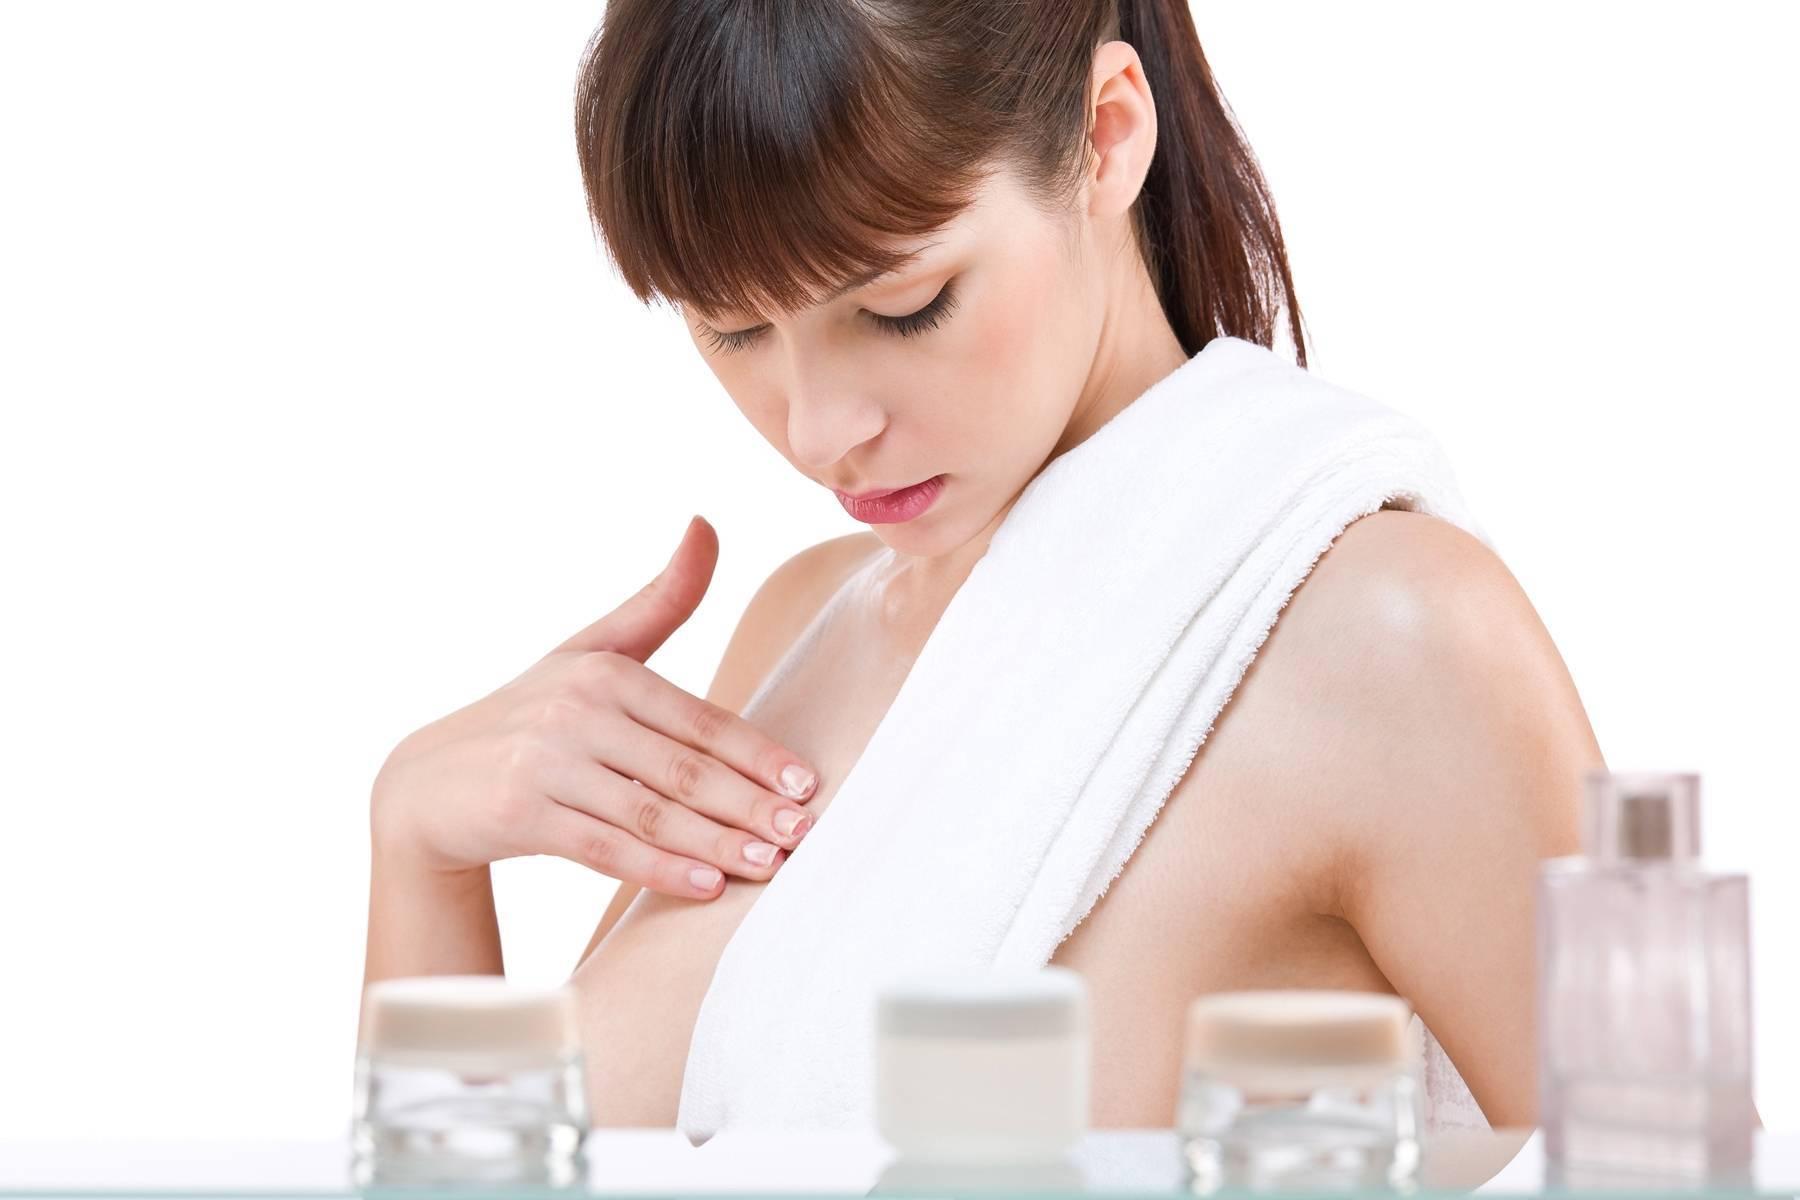 Симптомы мастопатии молочной железы у кормящей матери. мастопатия в период кормления грудью: причины возникновения и лечение. изменения в организме при беременности